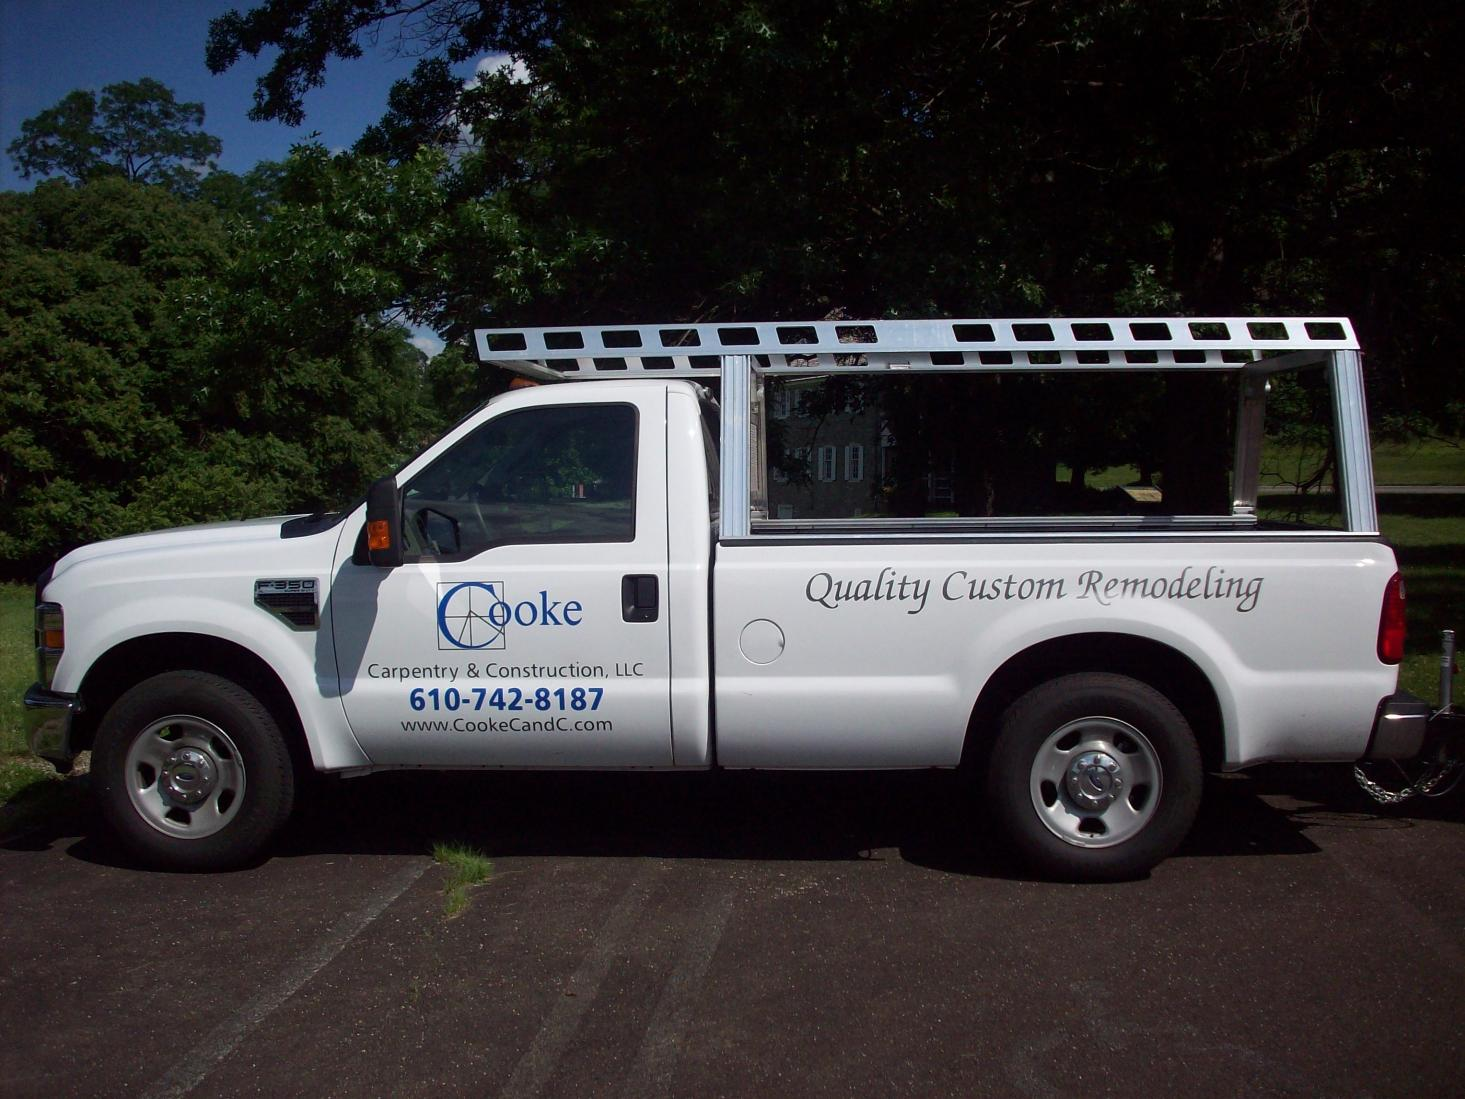 Post your work truck/van thread-truck-trailer-012.jpg